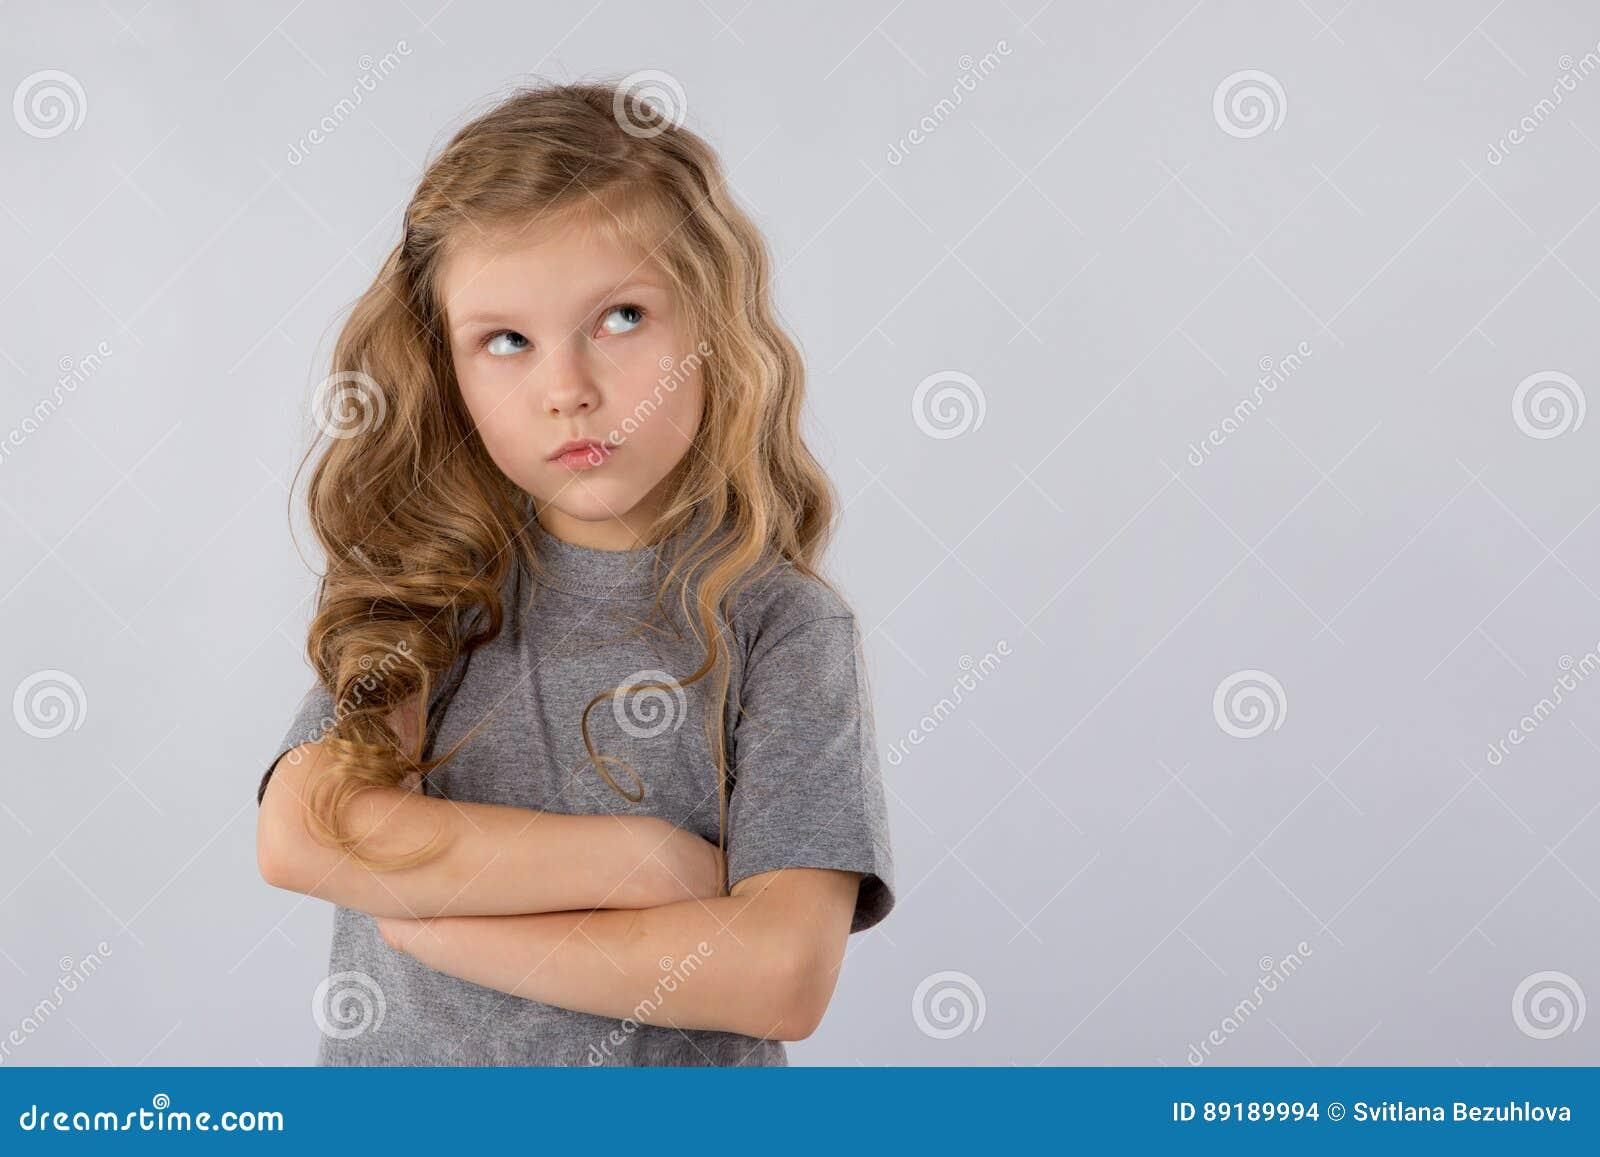 Retrato da menina pensativa isolado em um fundo branco